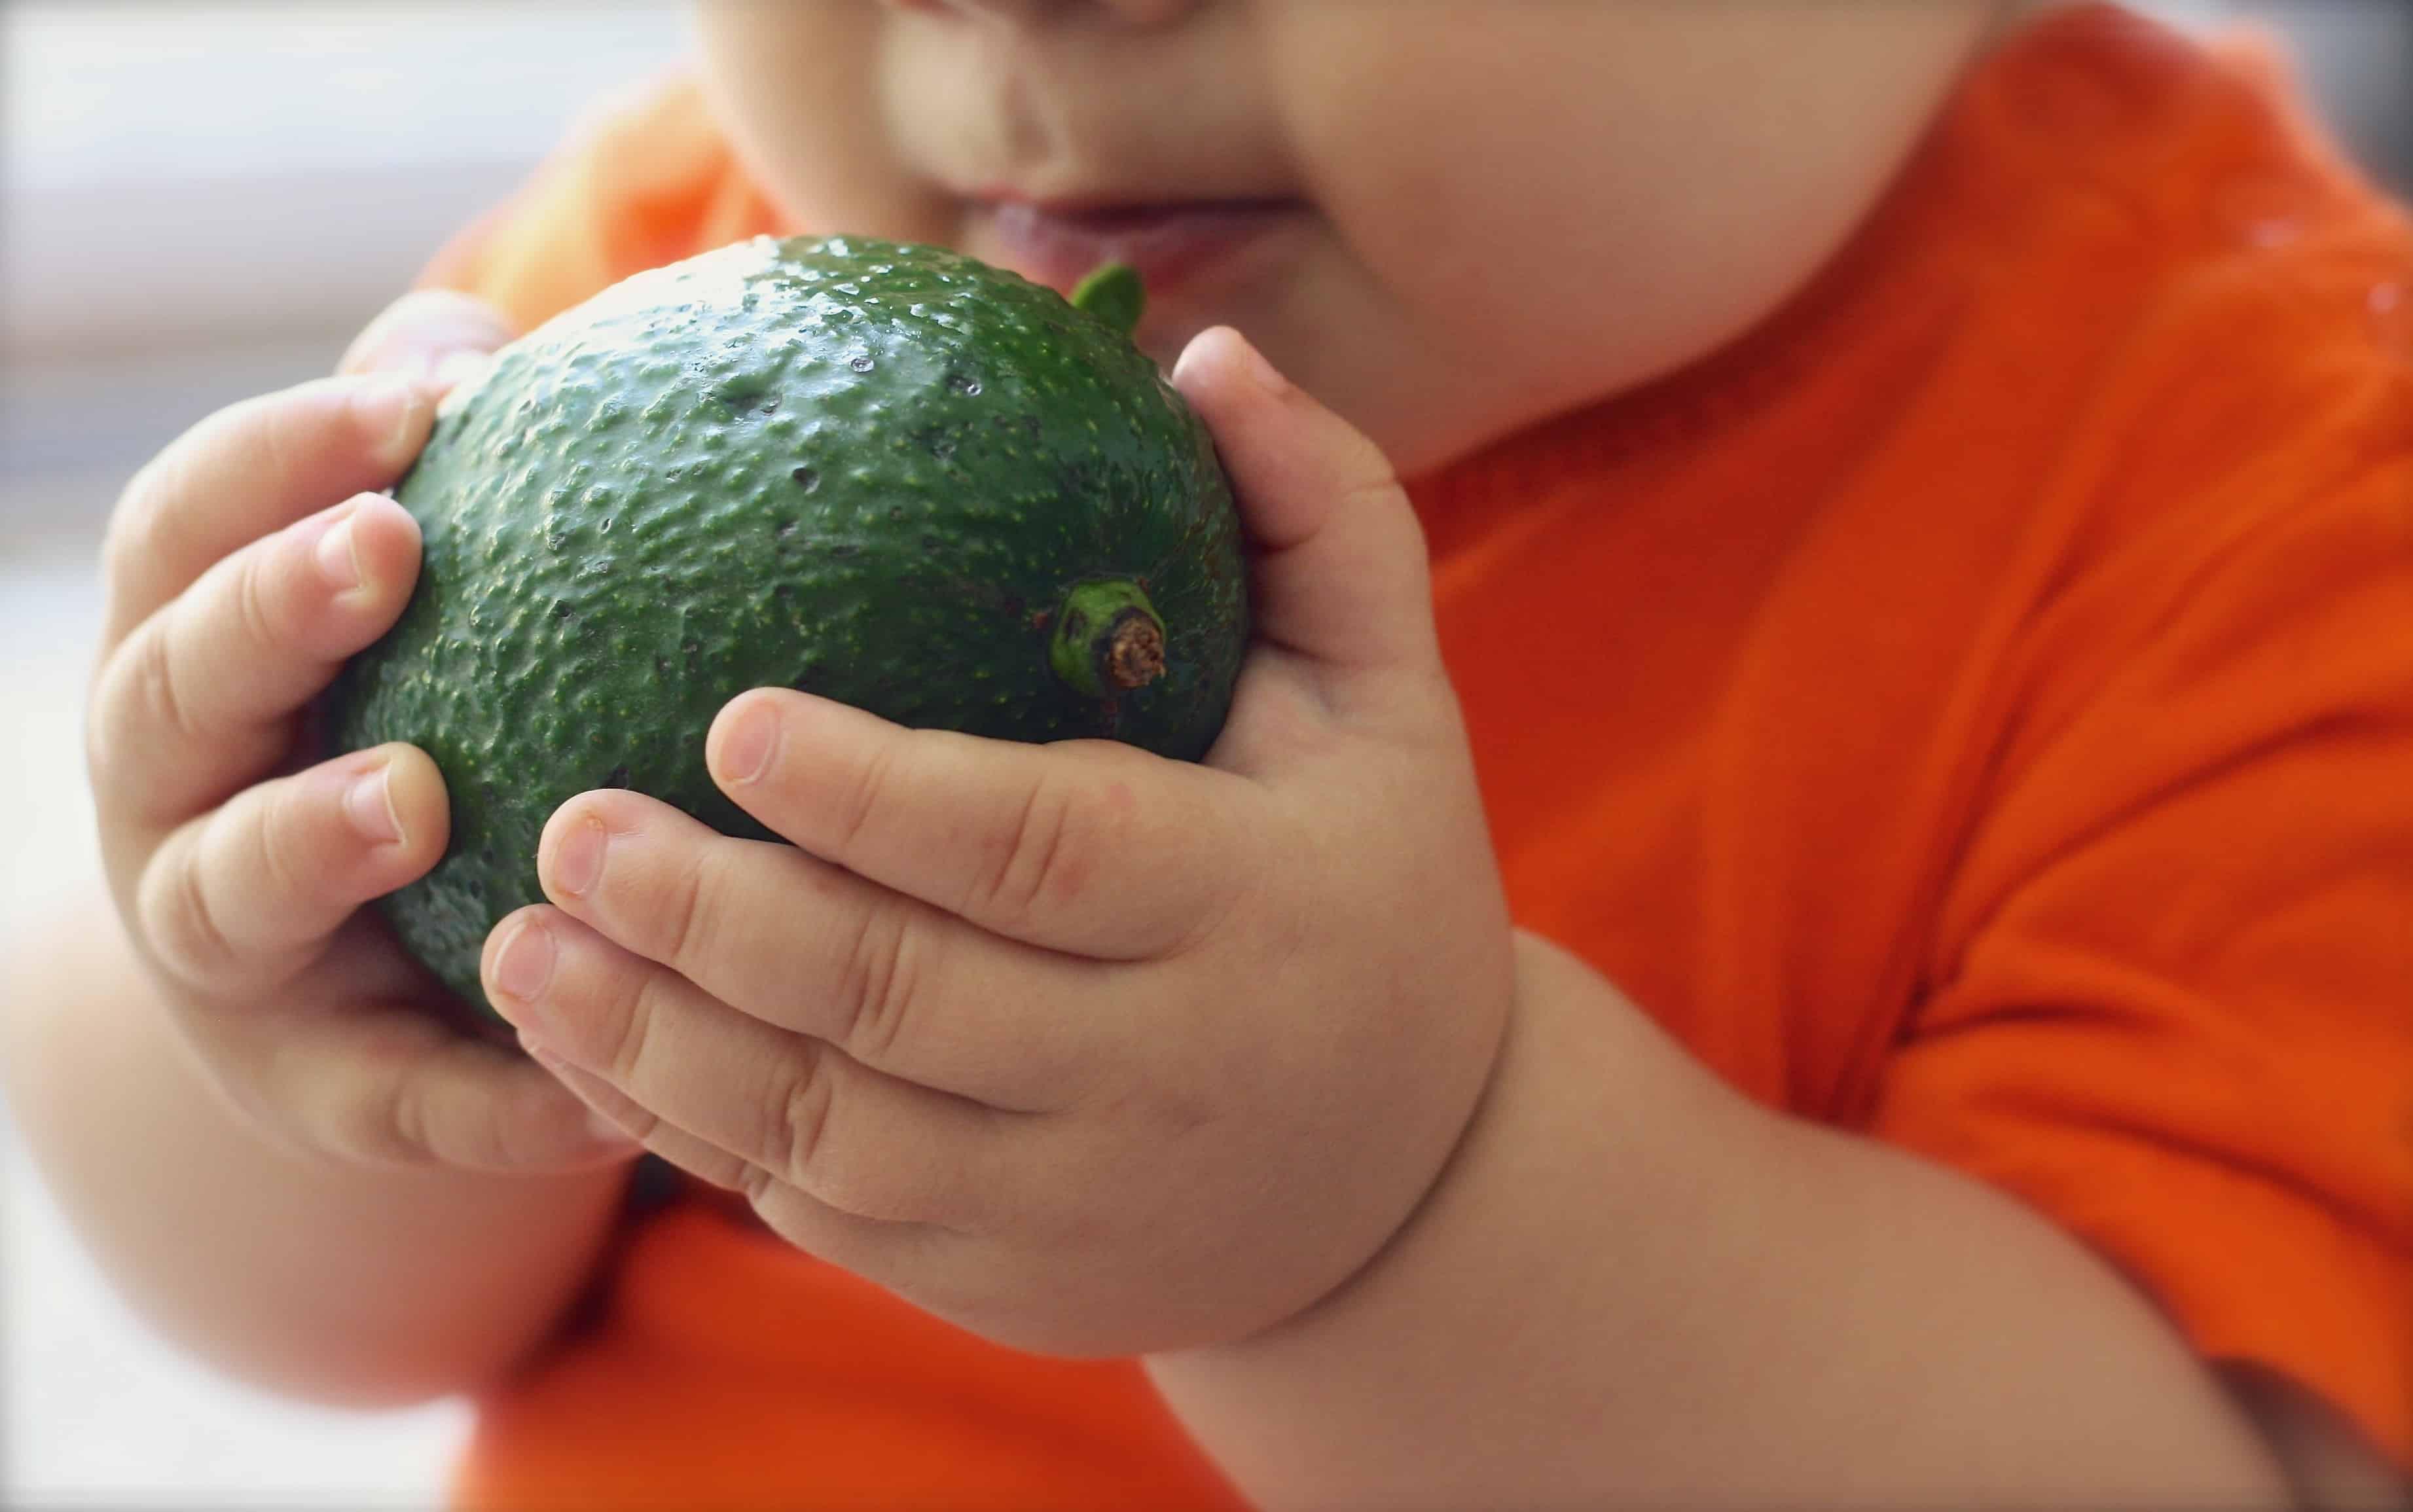 Resultado de imagen para niño comiendo aguacate